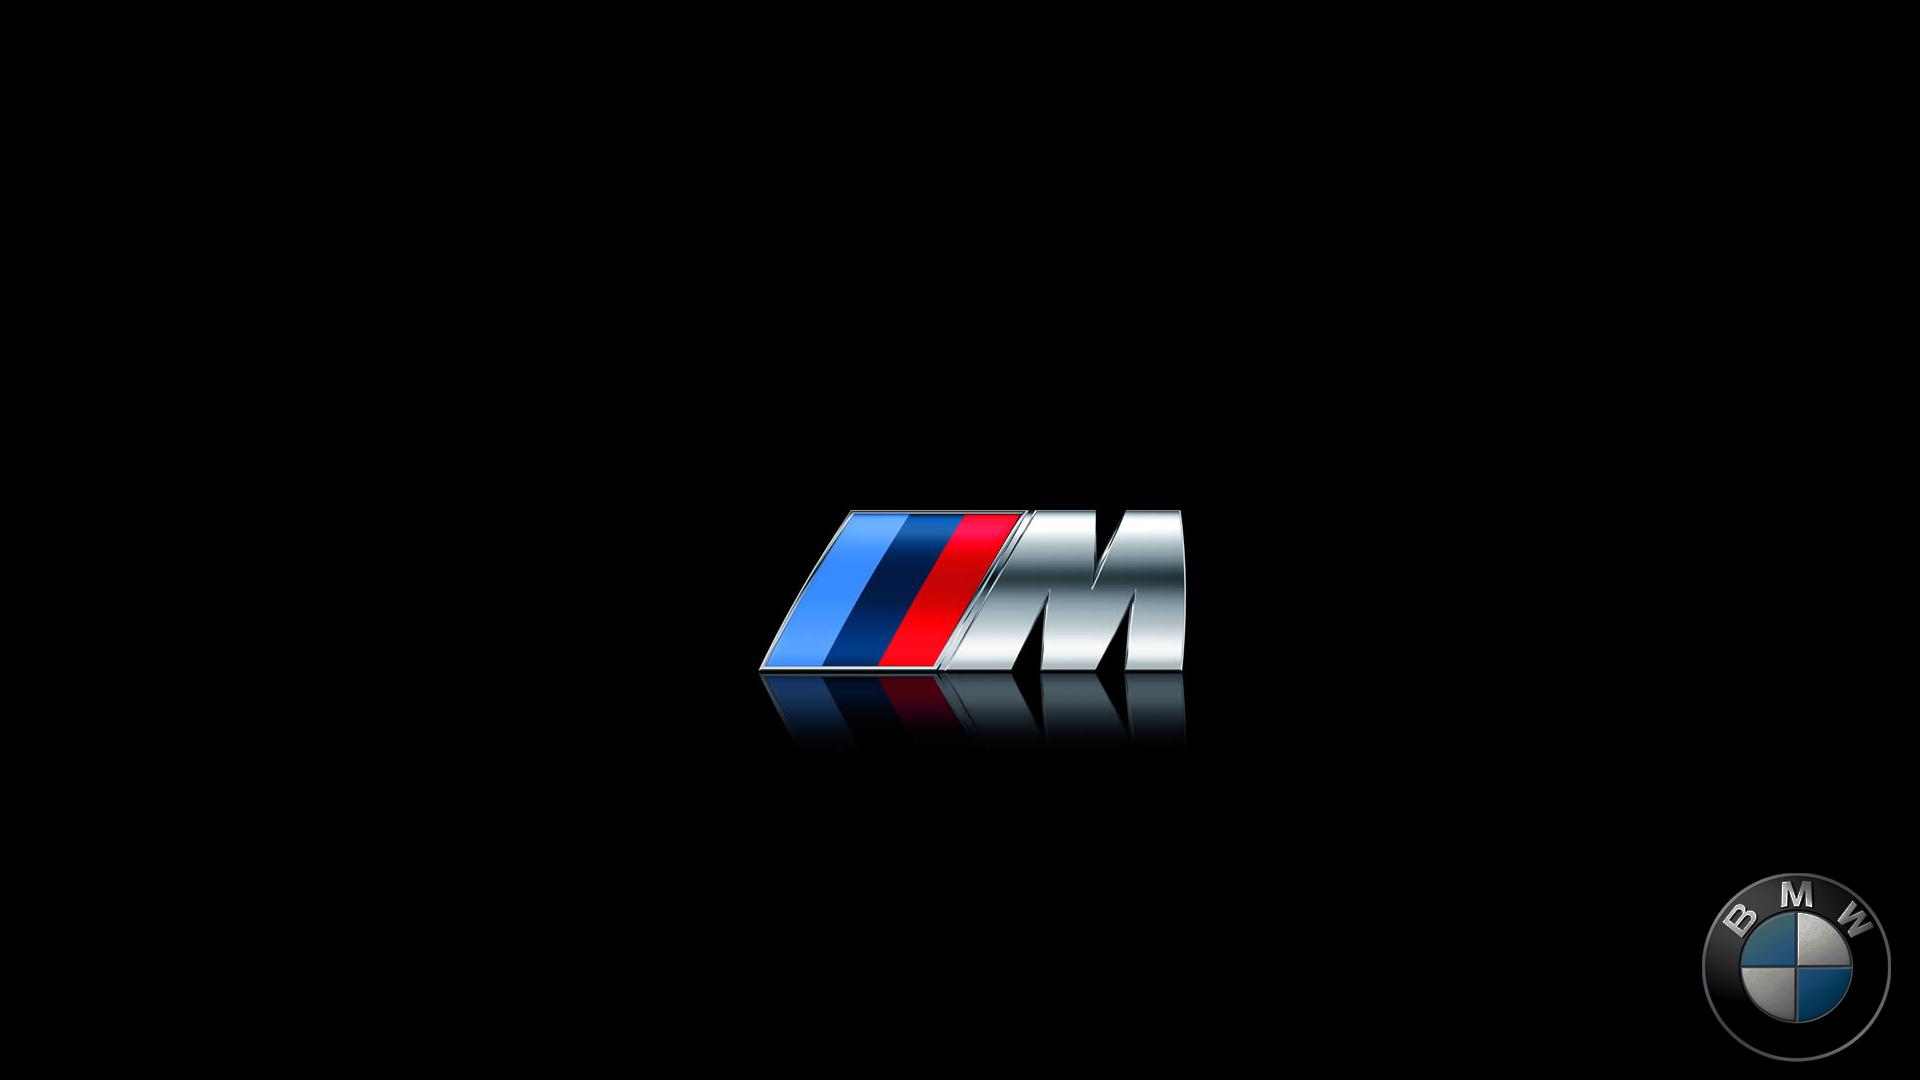 Bmw M Logo wallpaper   700450 1920x1080